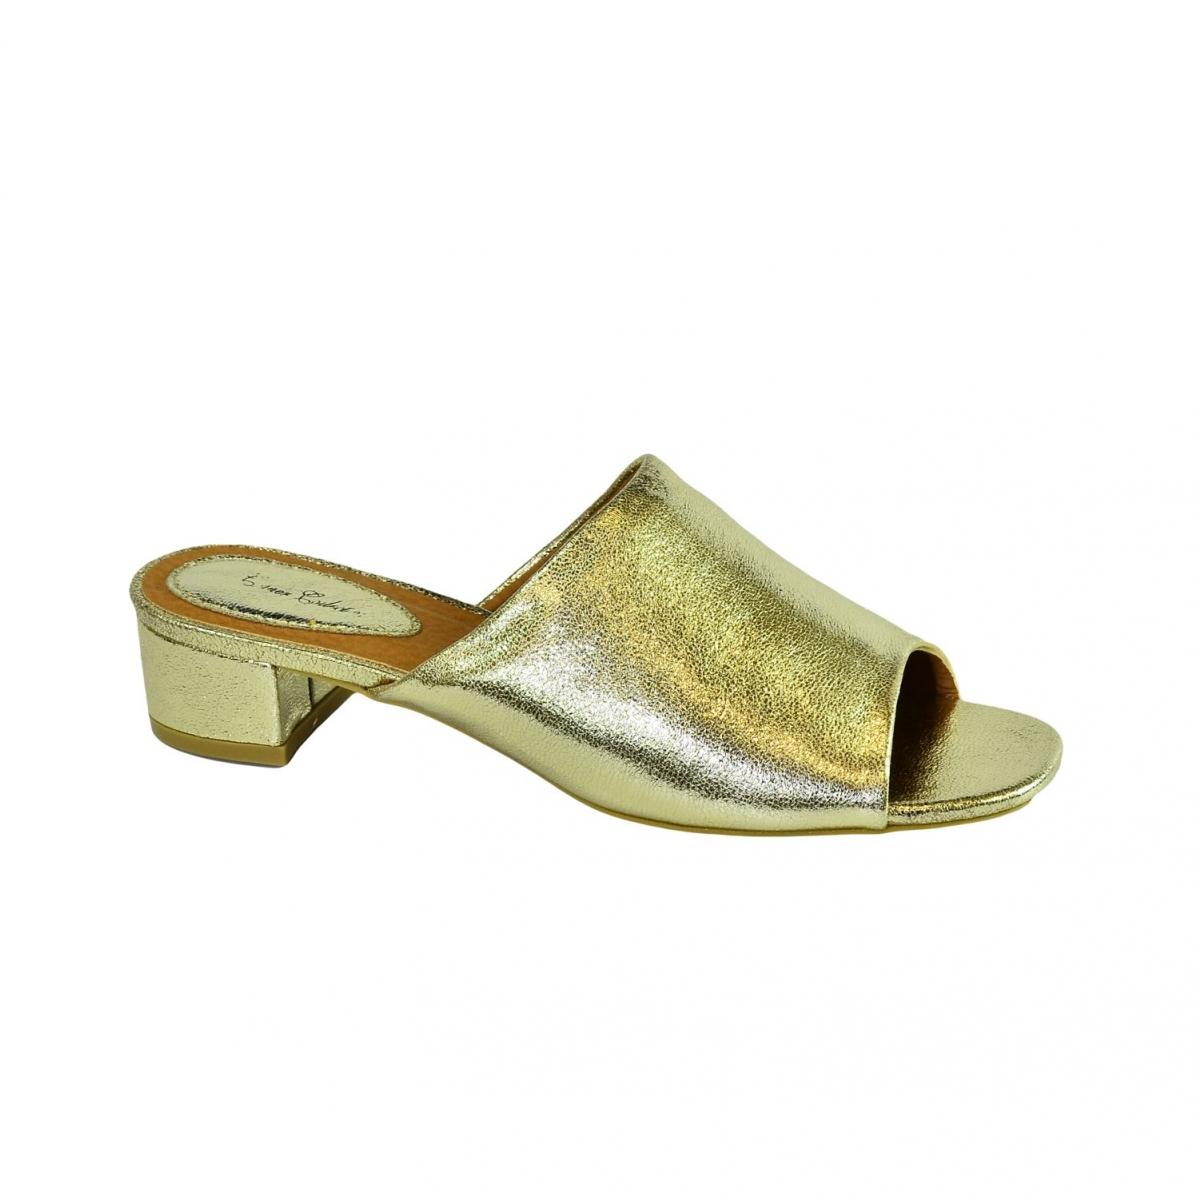 830b7109aad1 Dámske elegantné zlaté šľapky LUNA - 5